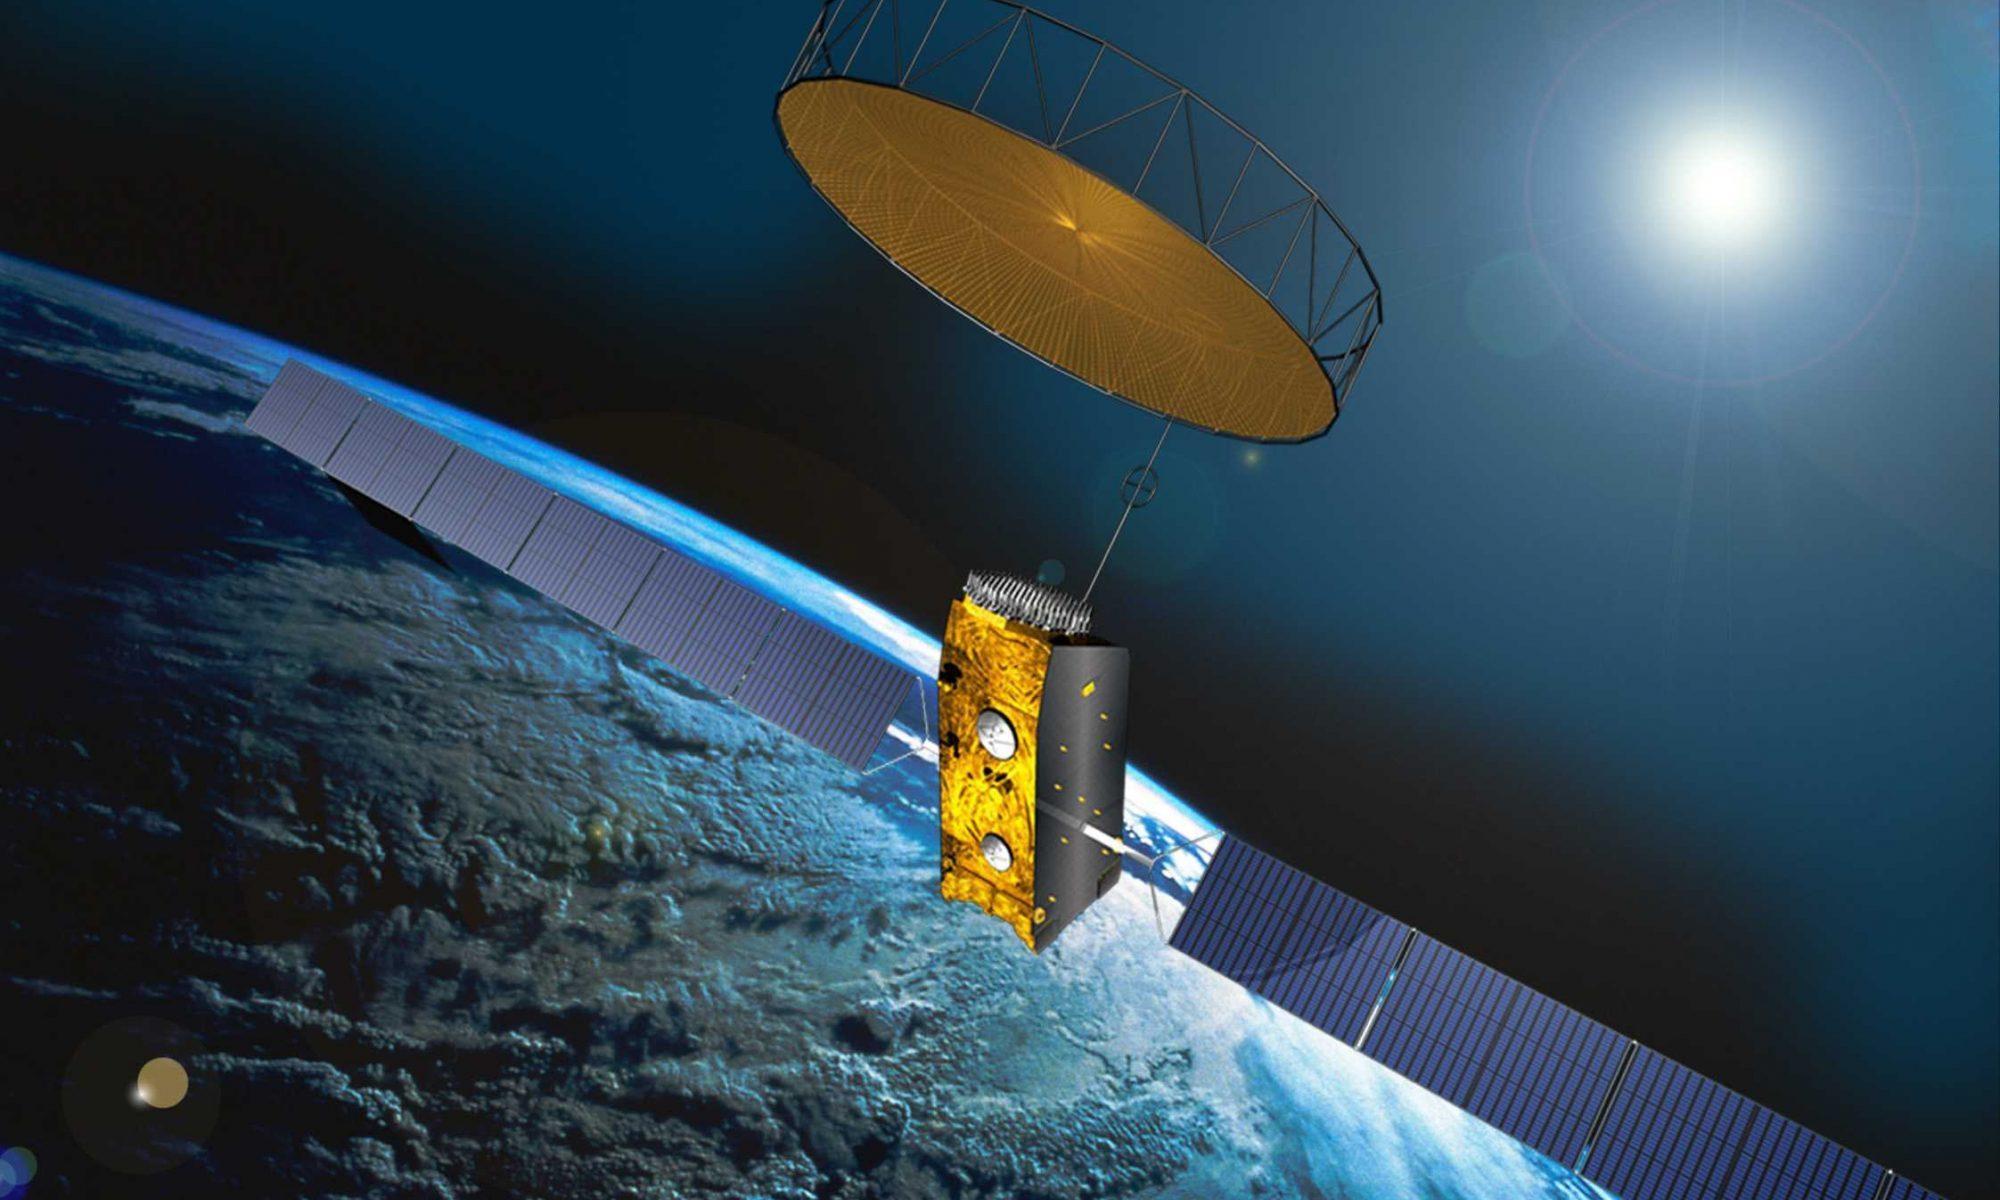 запуск спутника spacex #10